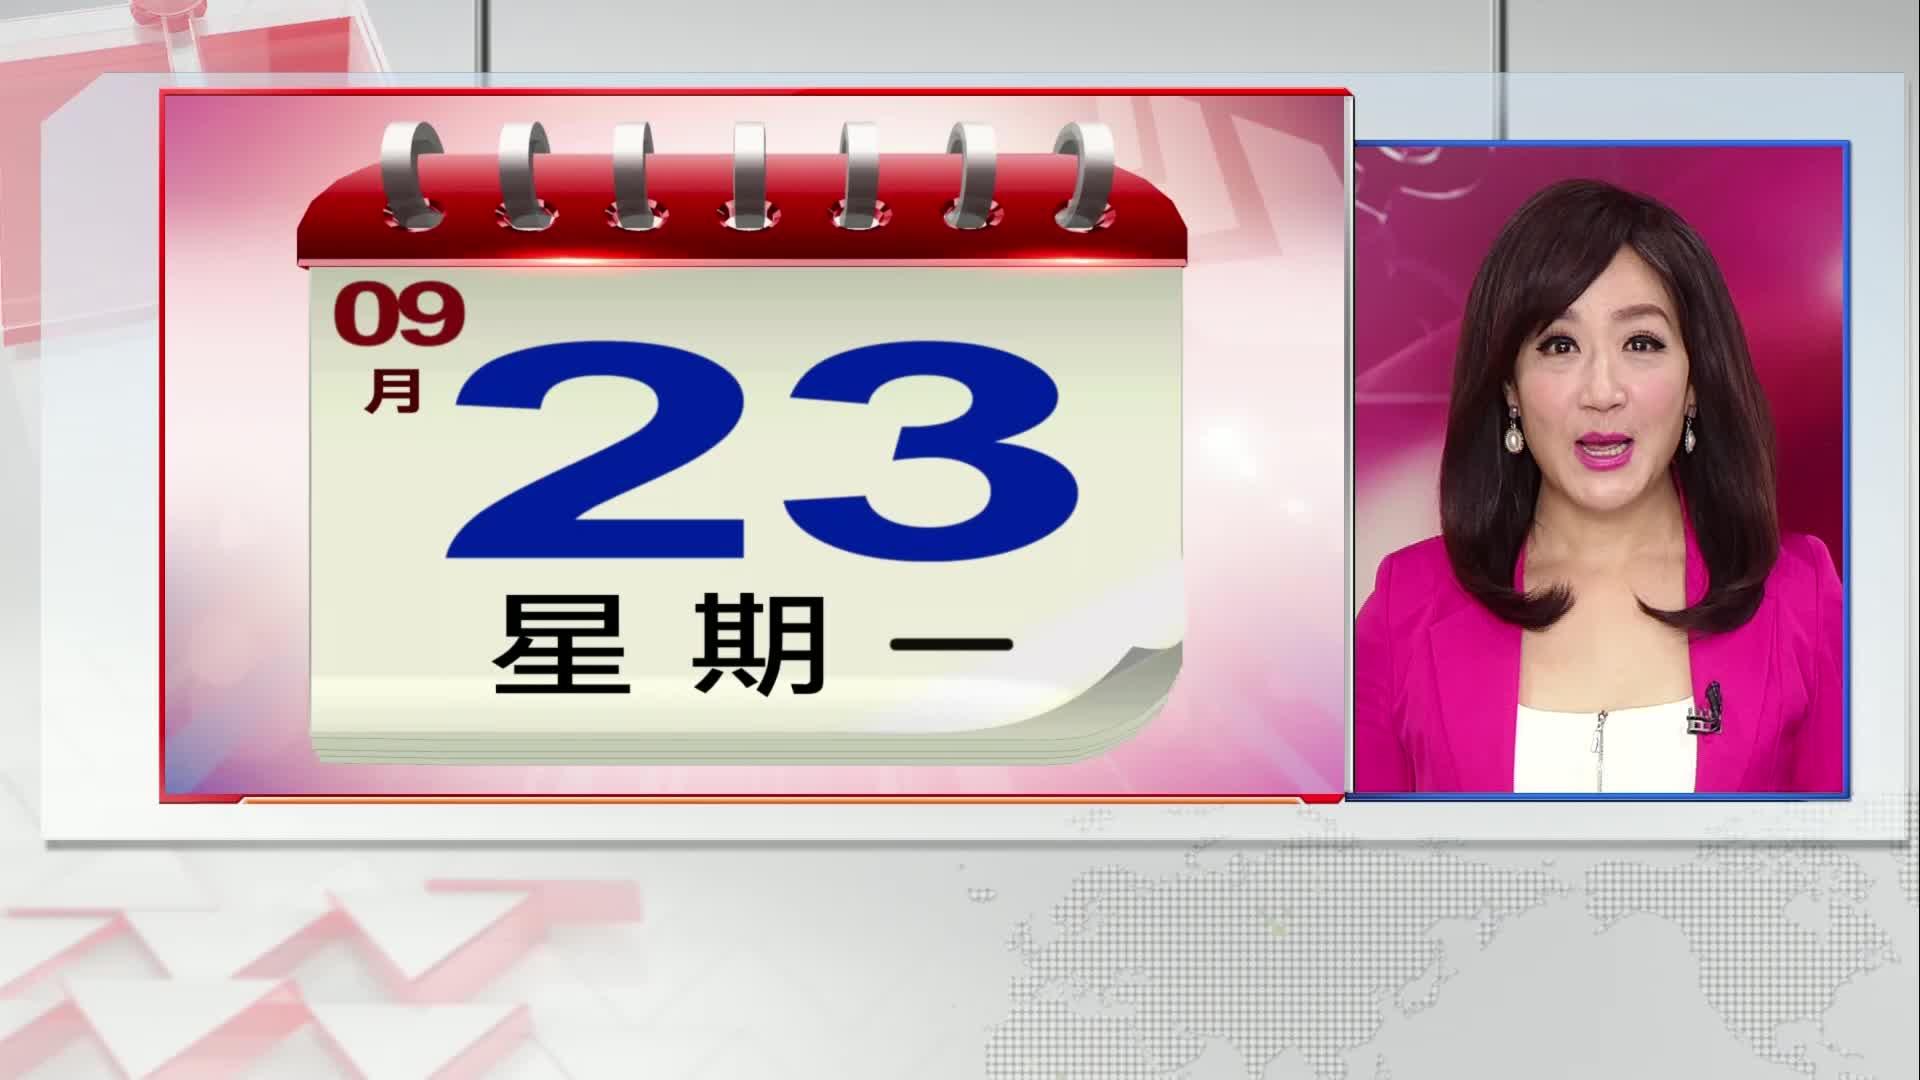 5分鐘看台股/2019/09/23早盤最前線